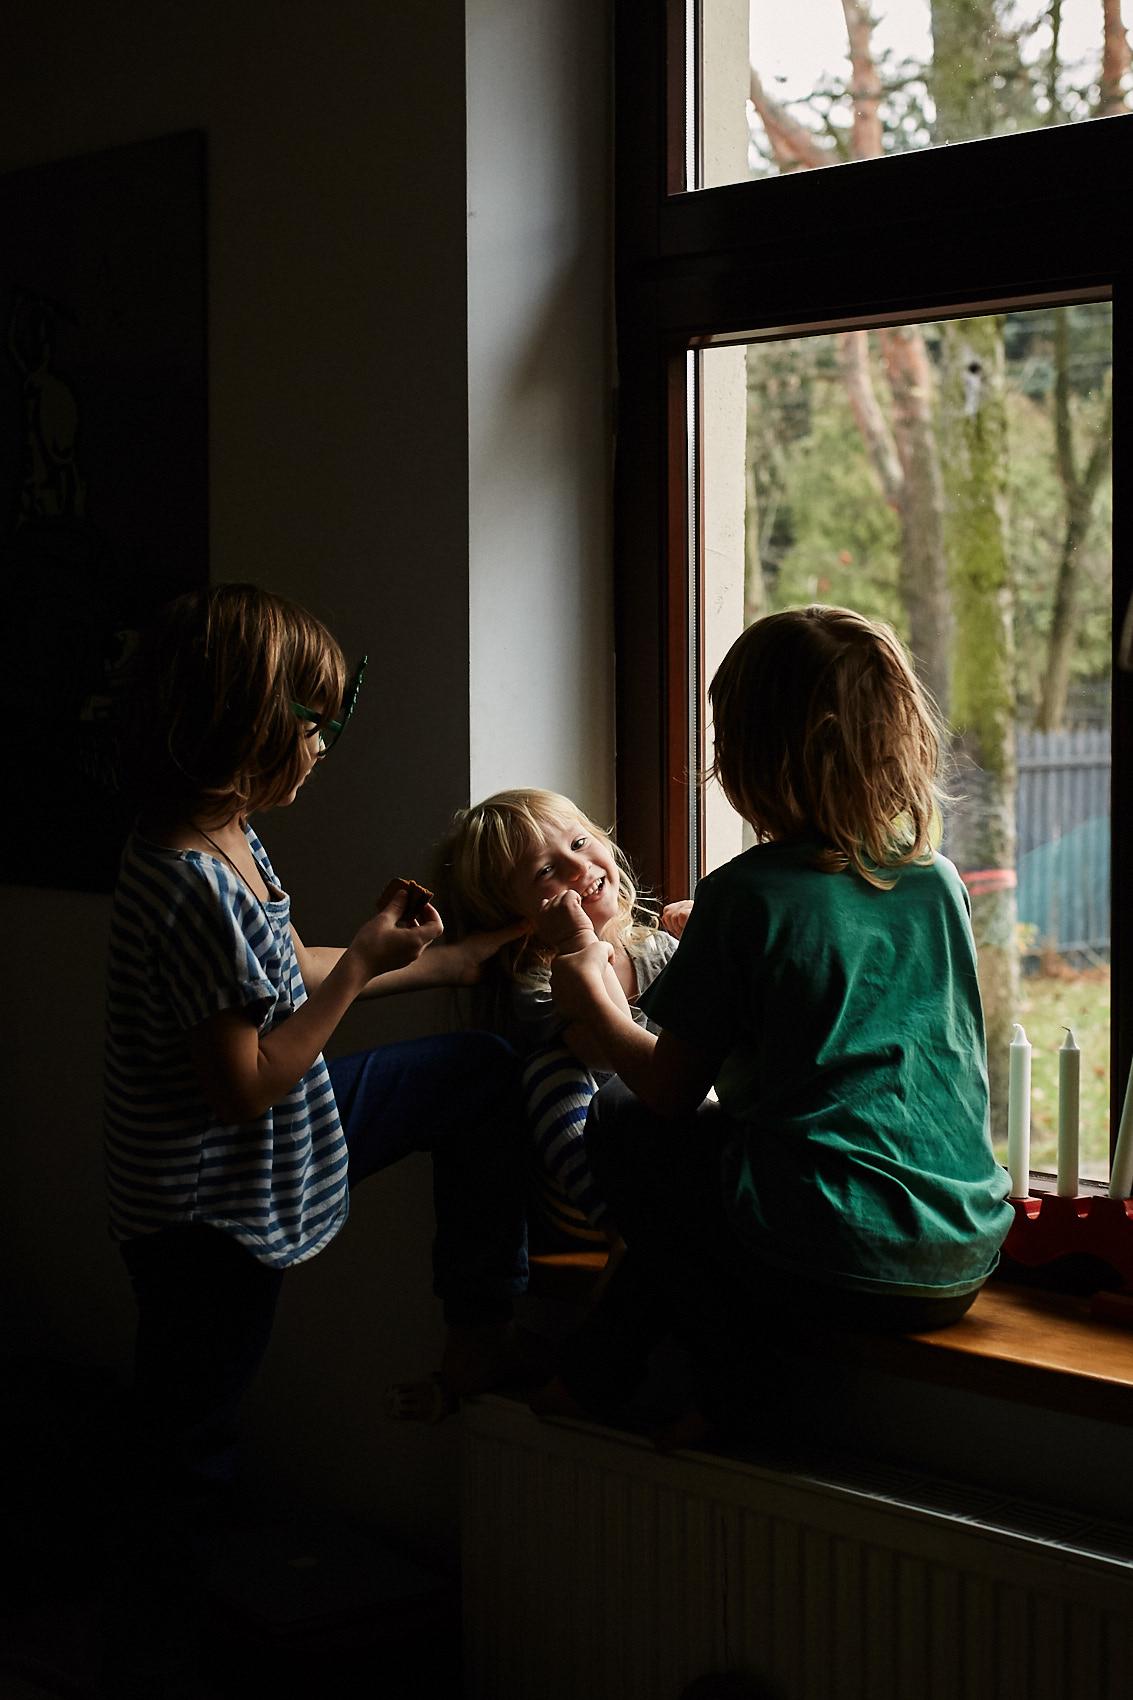 sesja rodzinna milanowek pruszkow piaseczno dokumentalna